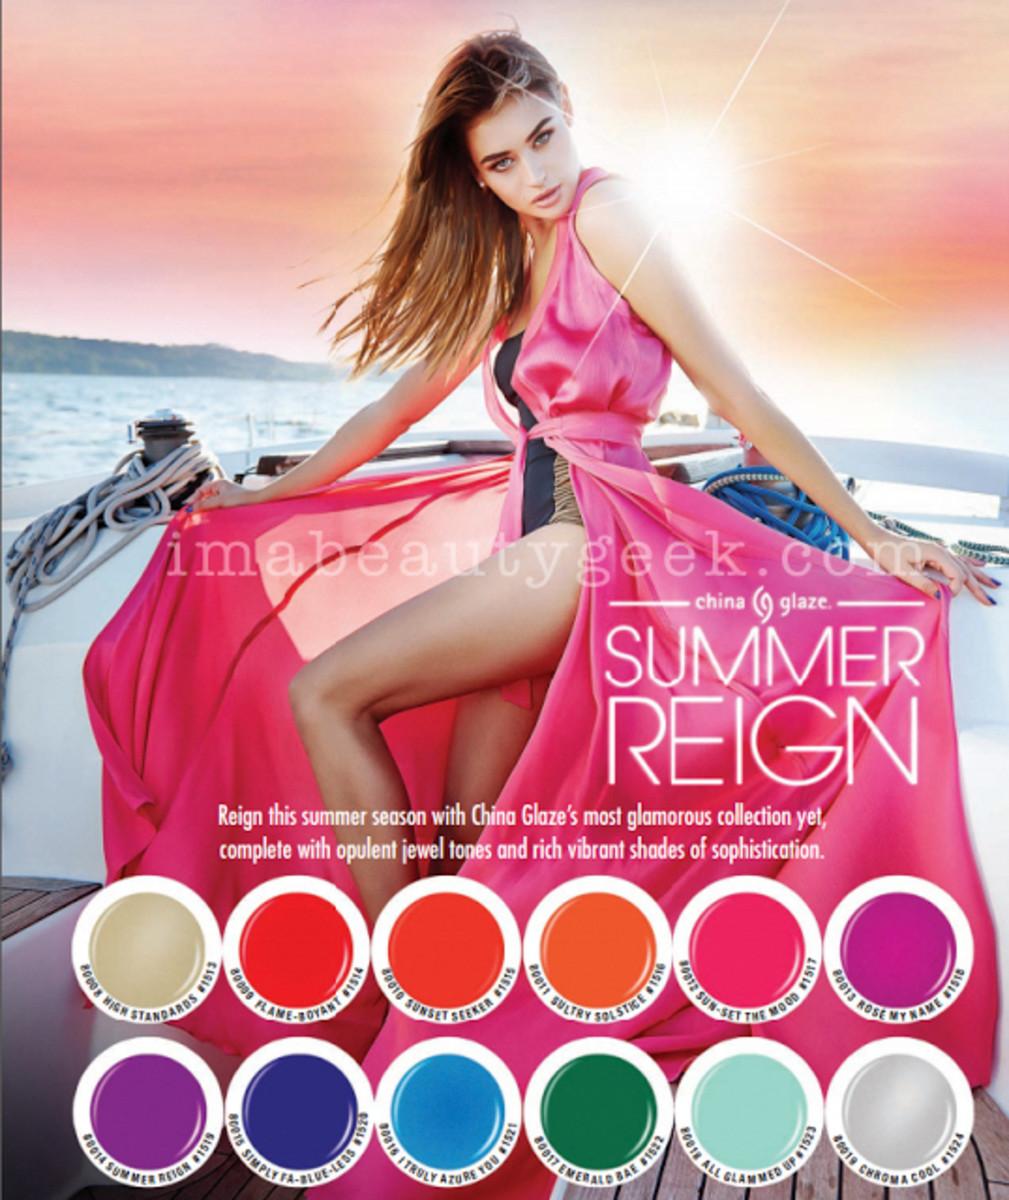 China Glaze Summer Reign 2017 Collection Sneak Peek